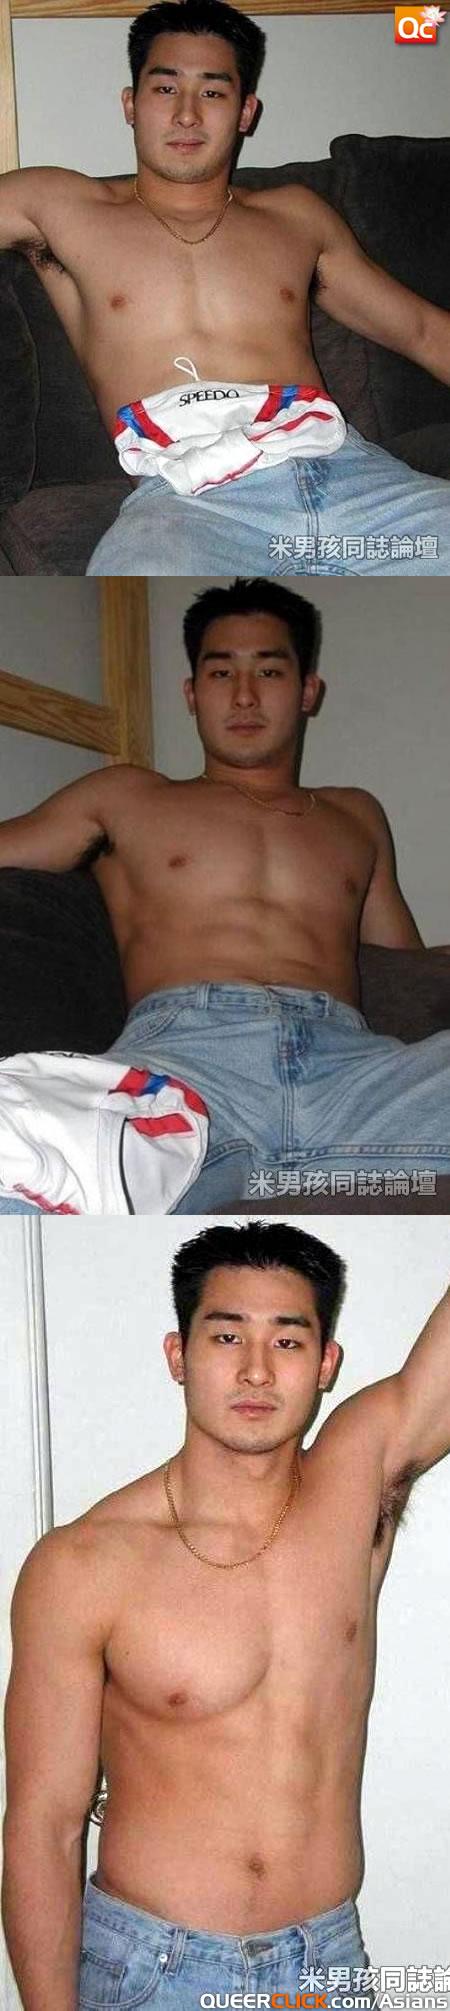 hot asian 20101217 sex sex mature hot